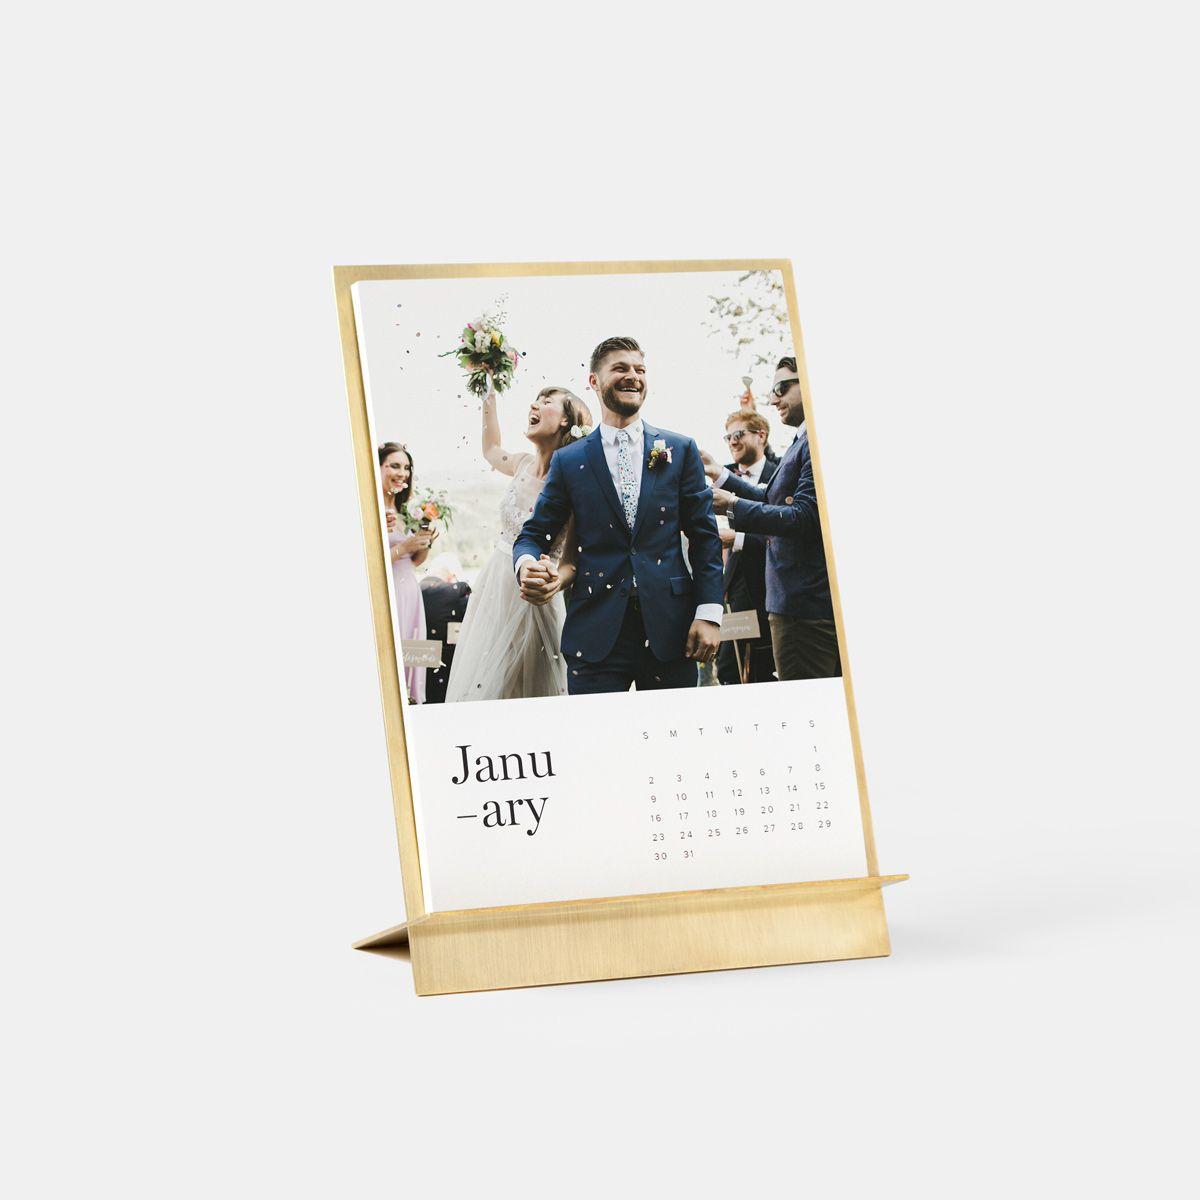 brass-easel-calendar-main01_2x.jpg